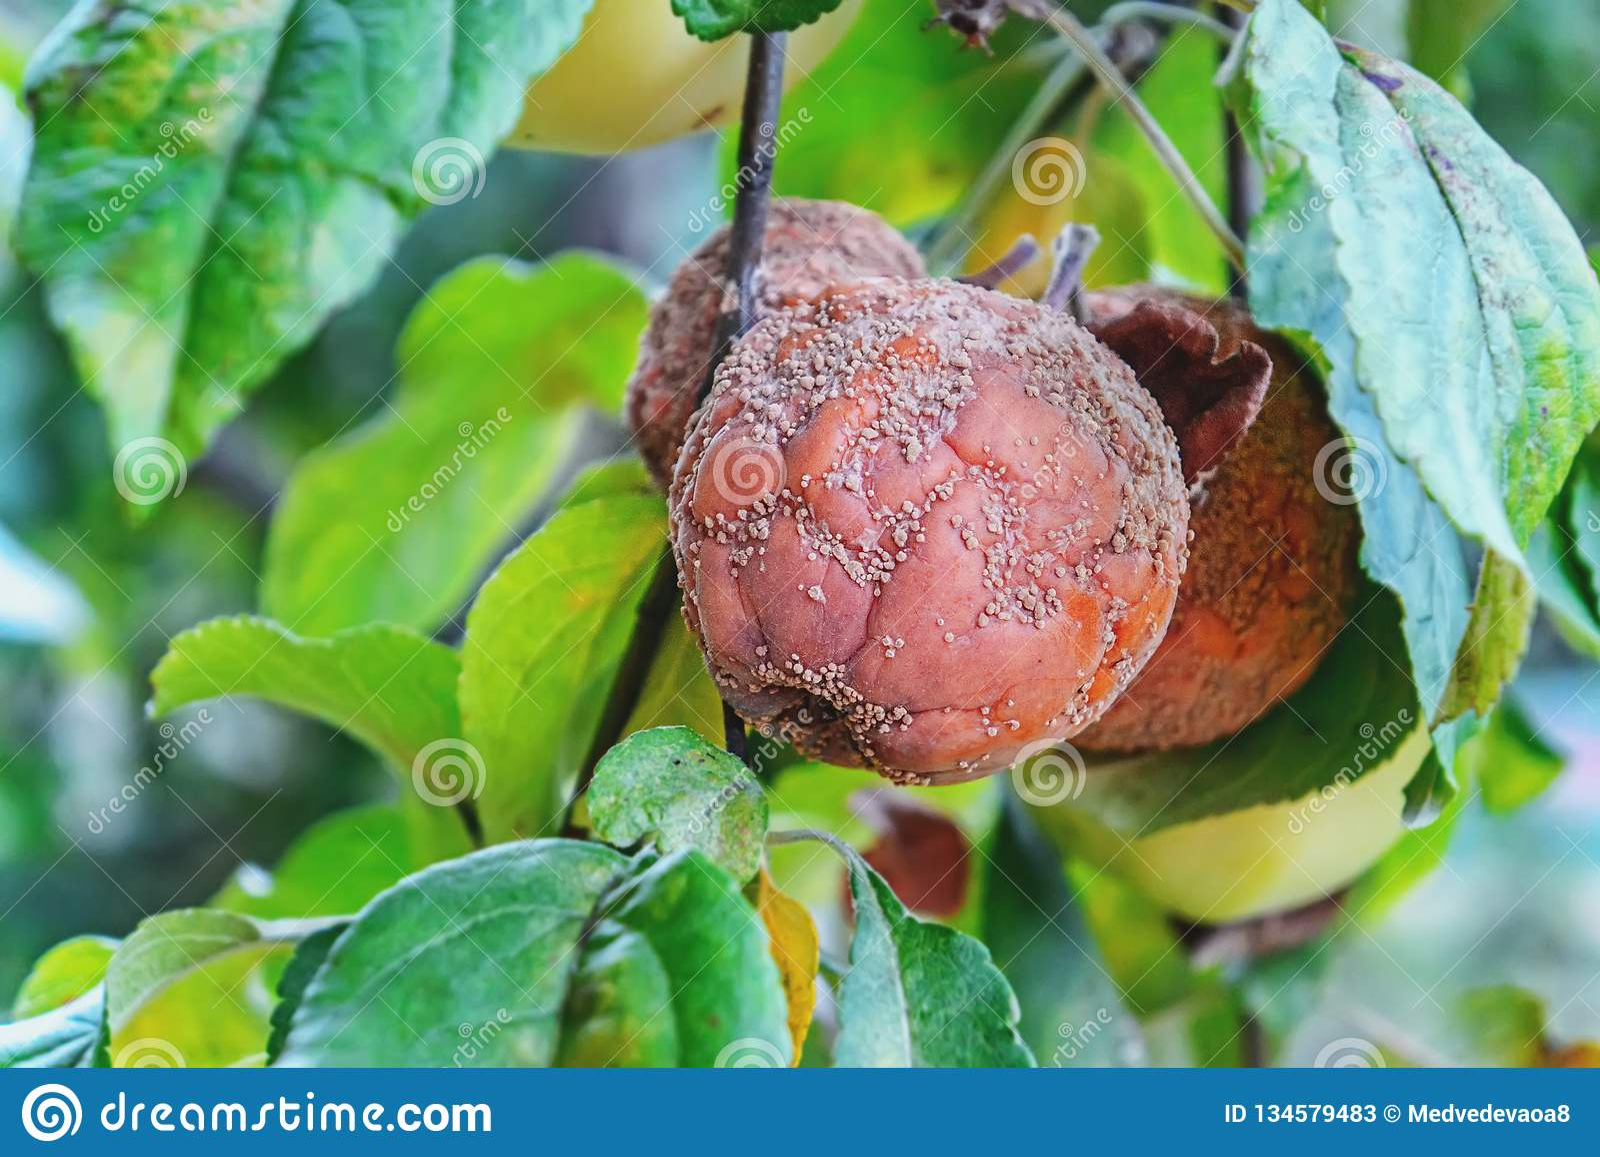 Ruttet äpple som hänger på äpplet, moniliozäpple